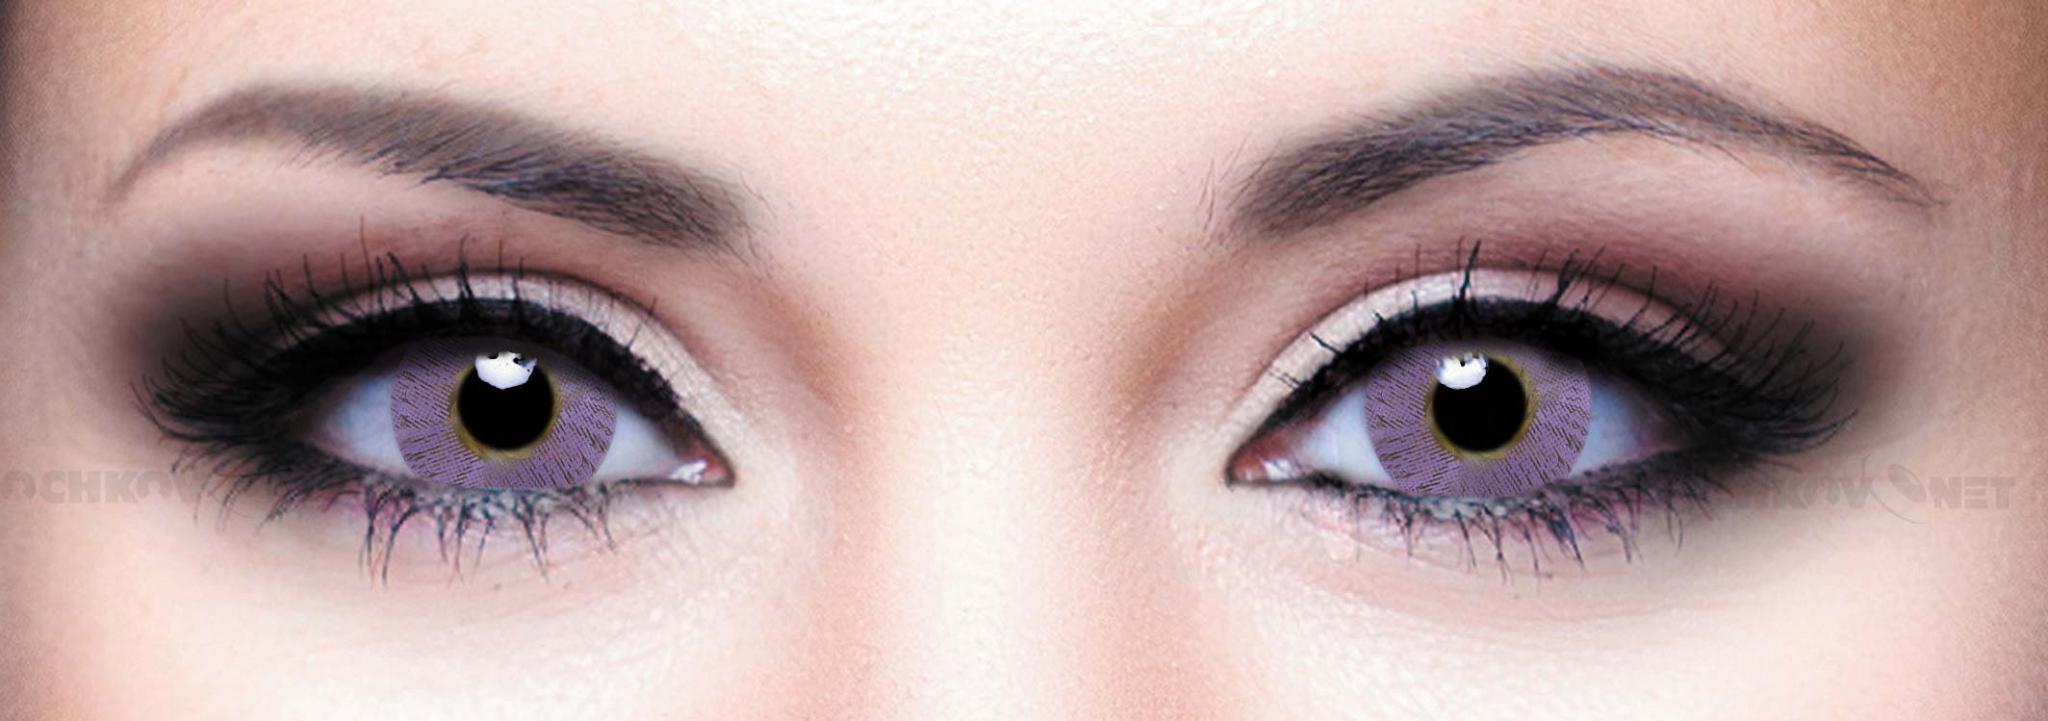 Контактные линзы Illusion Colors Shine Фиолетовый Violet (2 линзы)